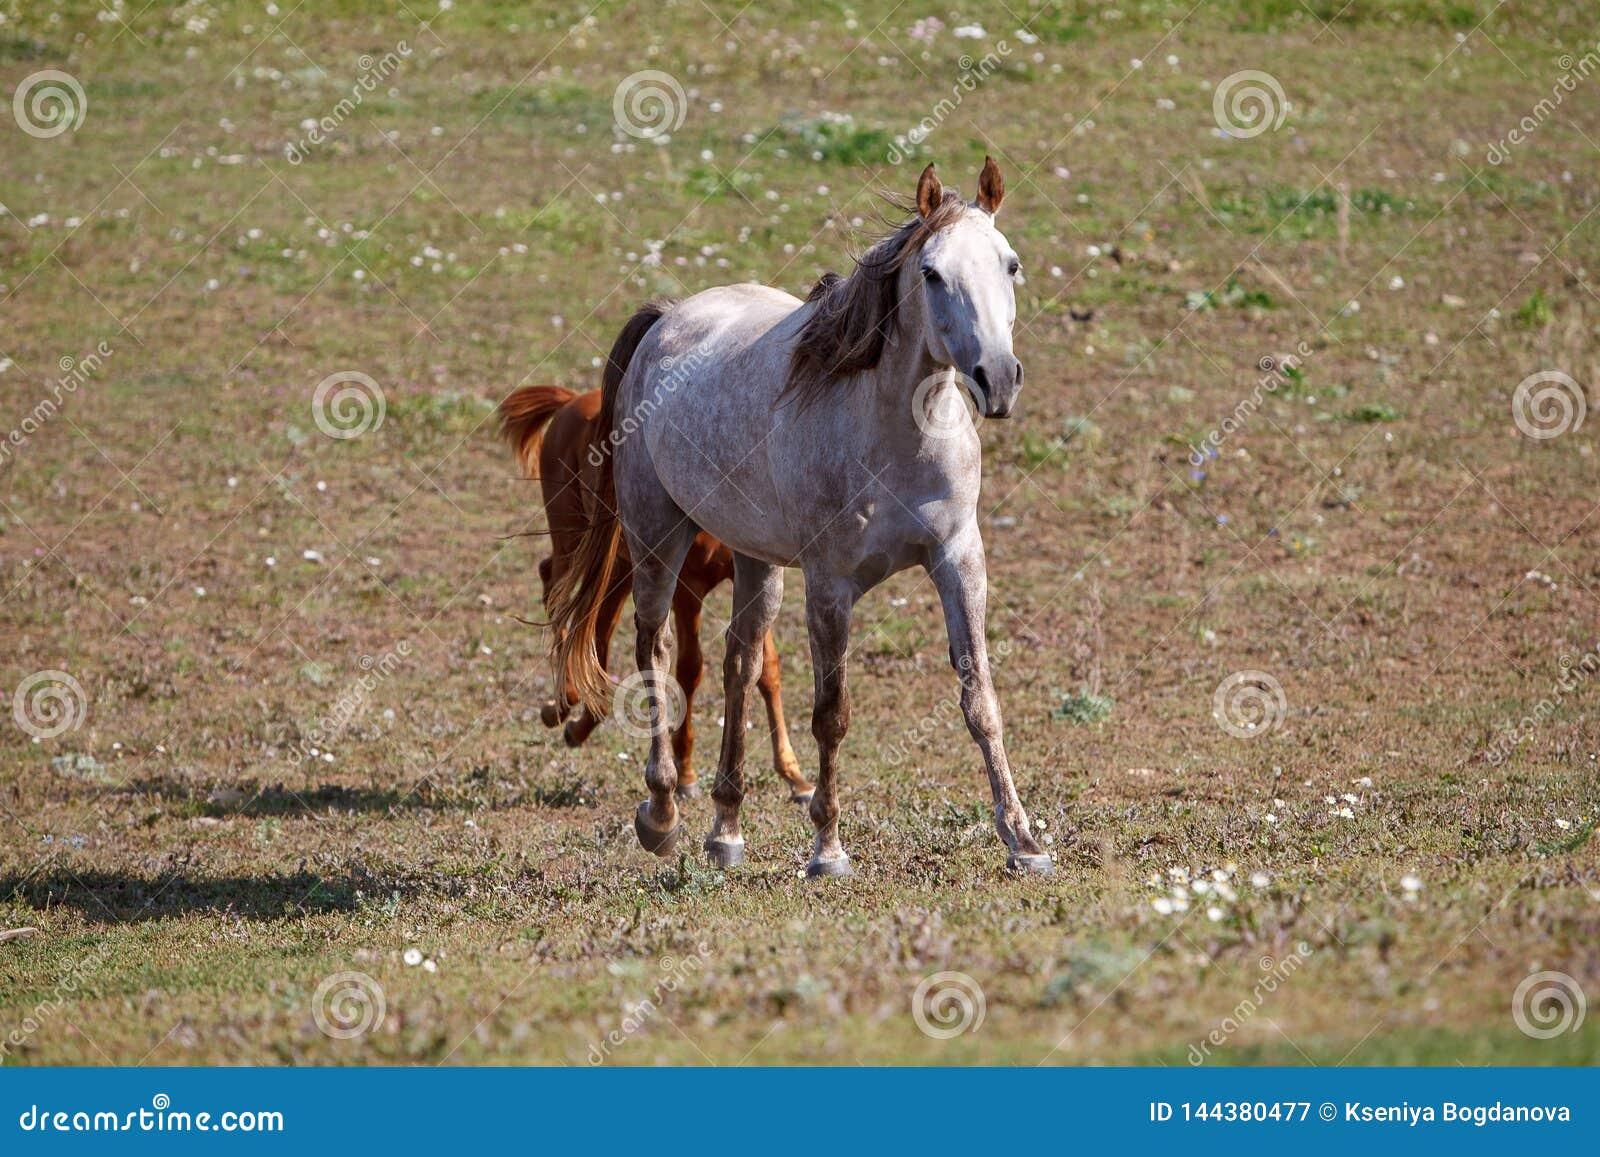 Wit paard met veulen in het weiland